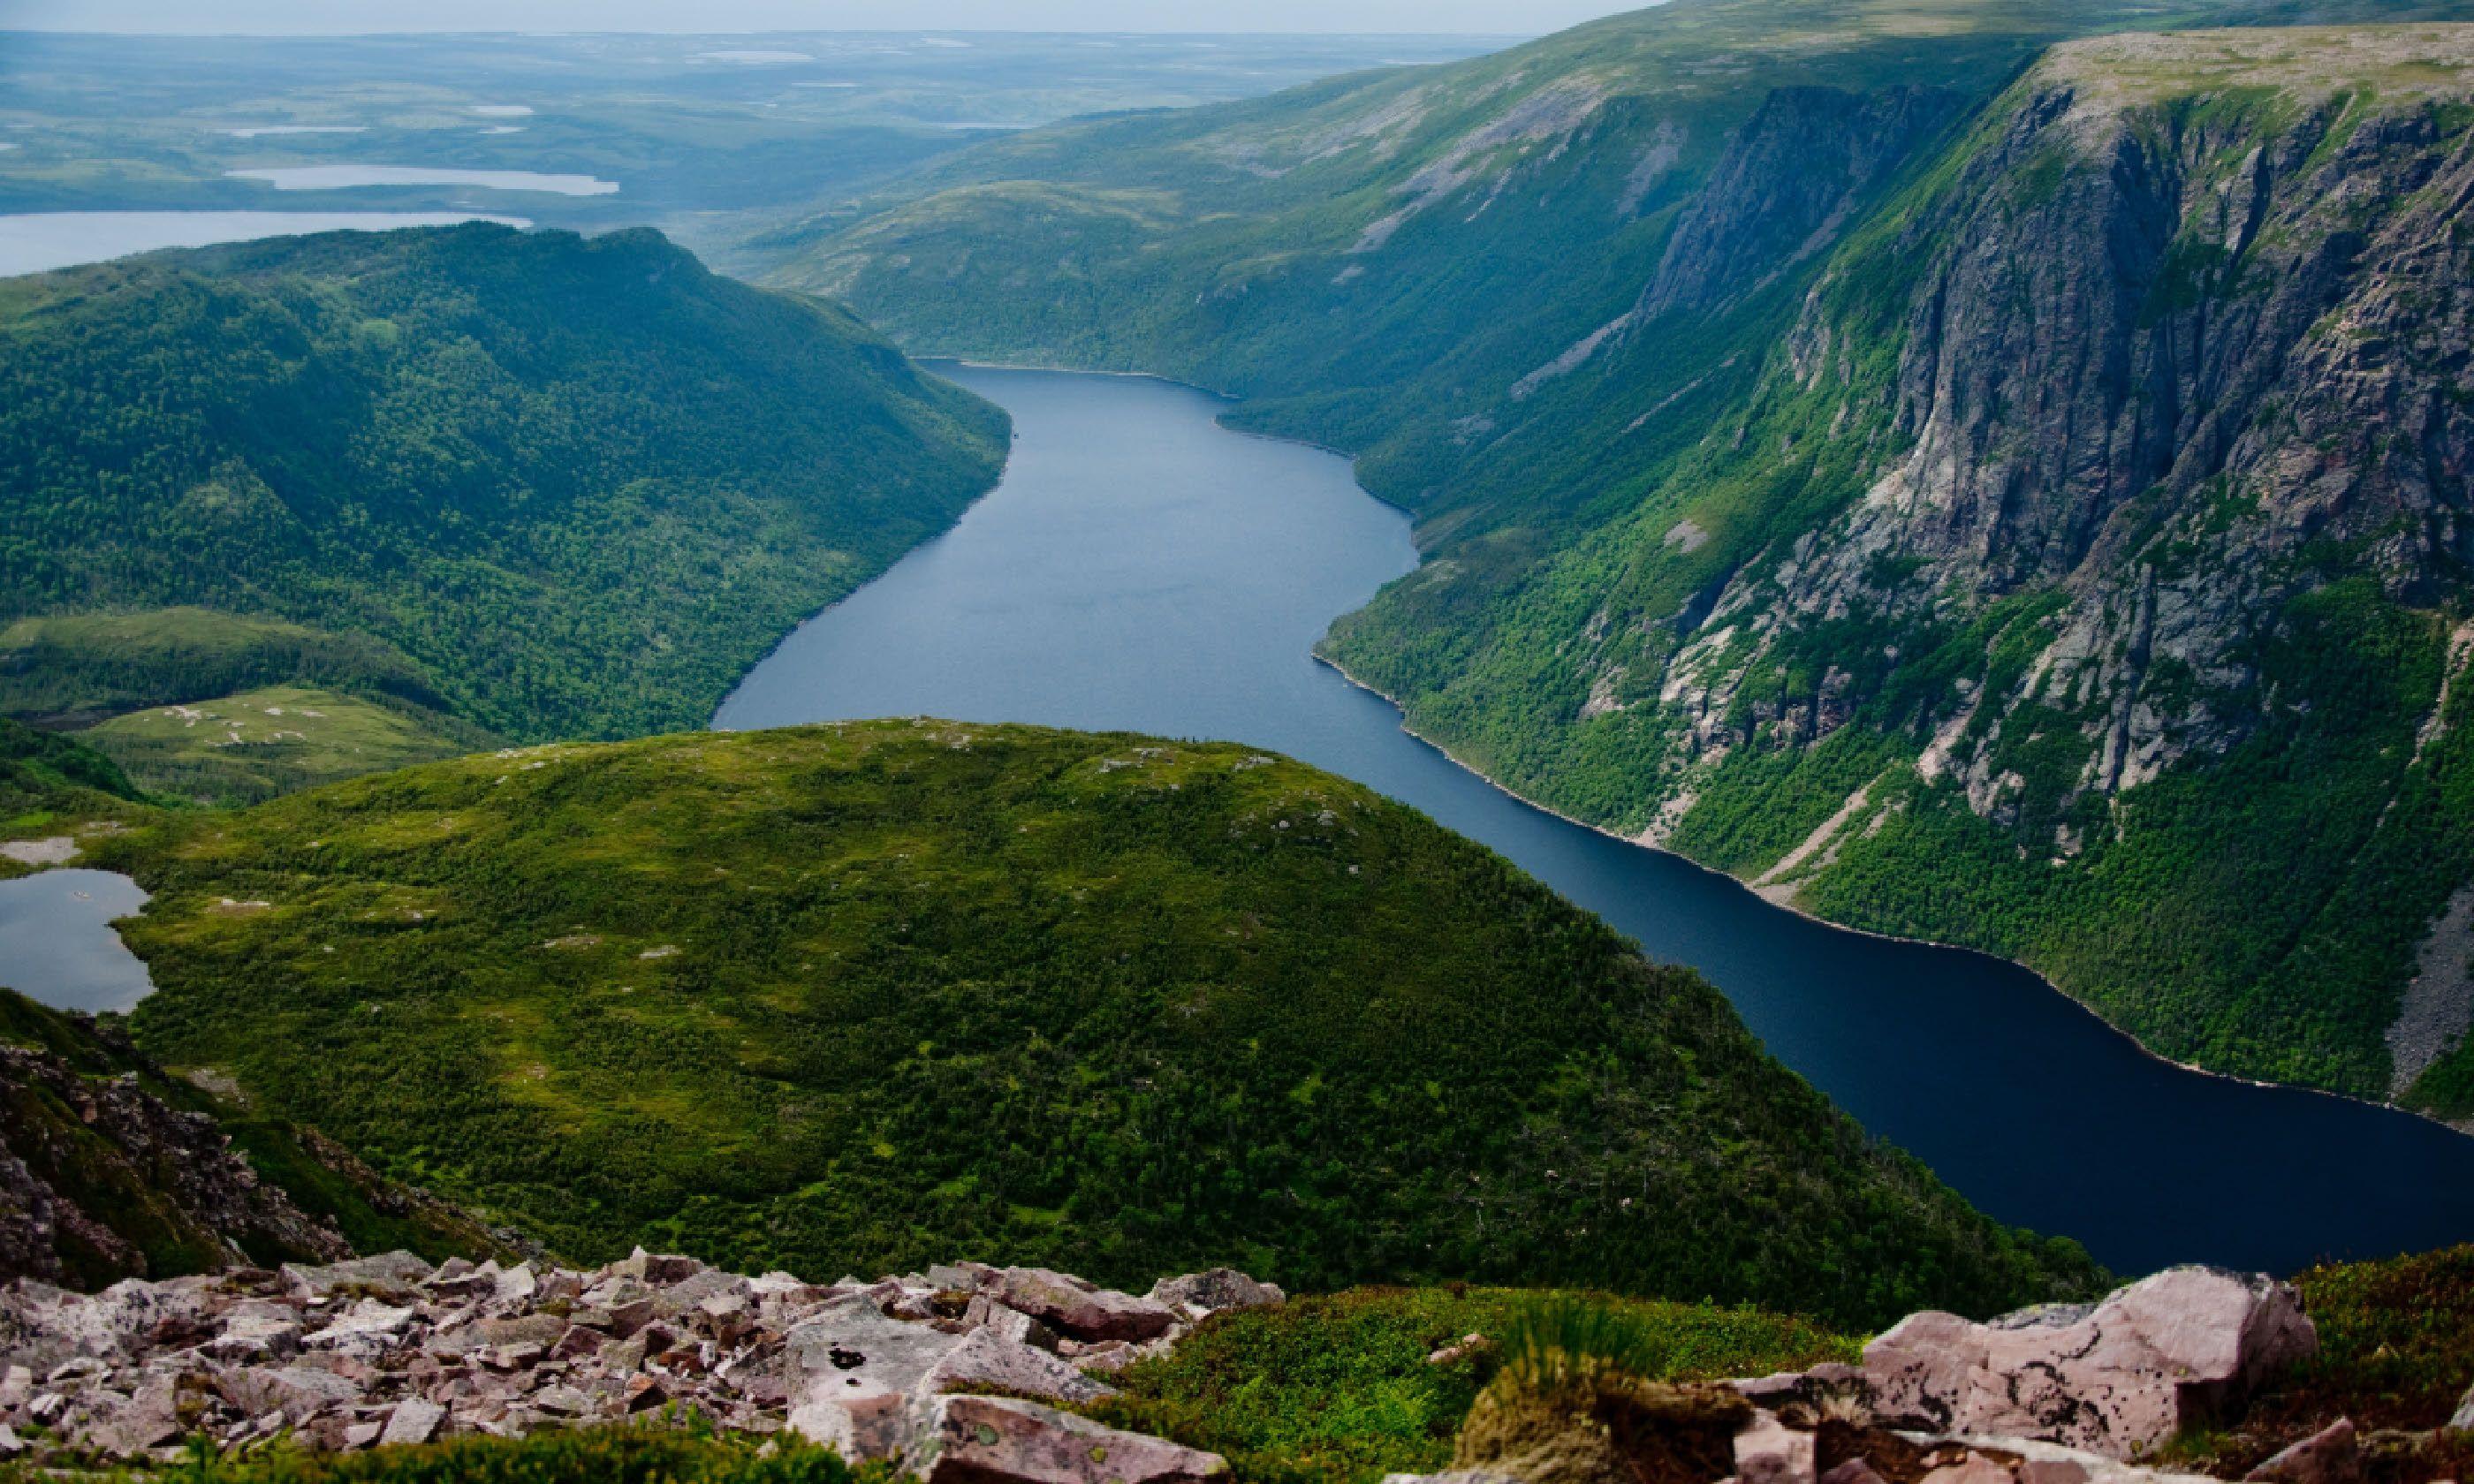 Gros Morne National Park (Shutterstock)